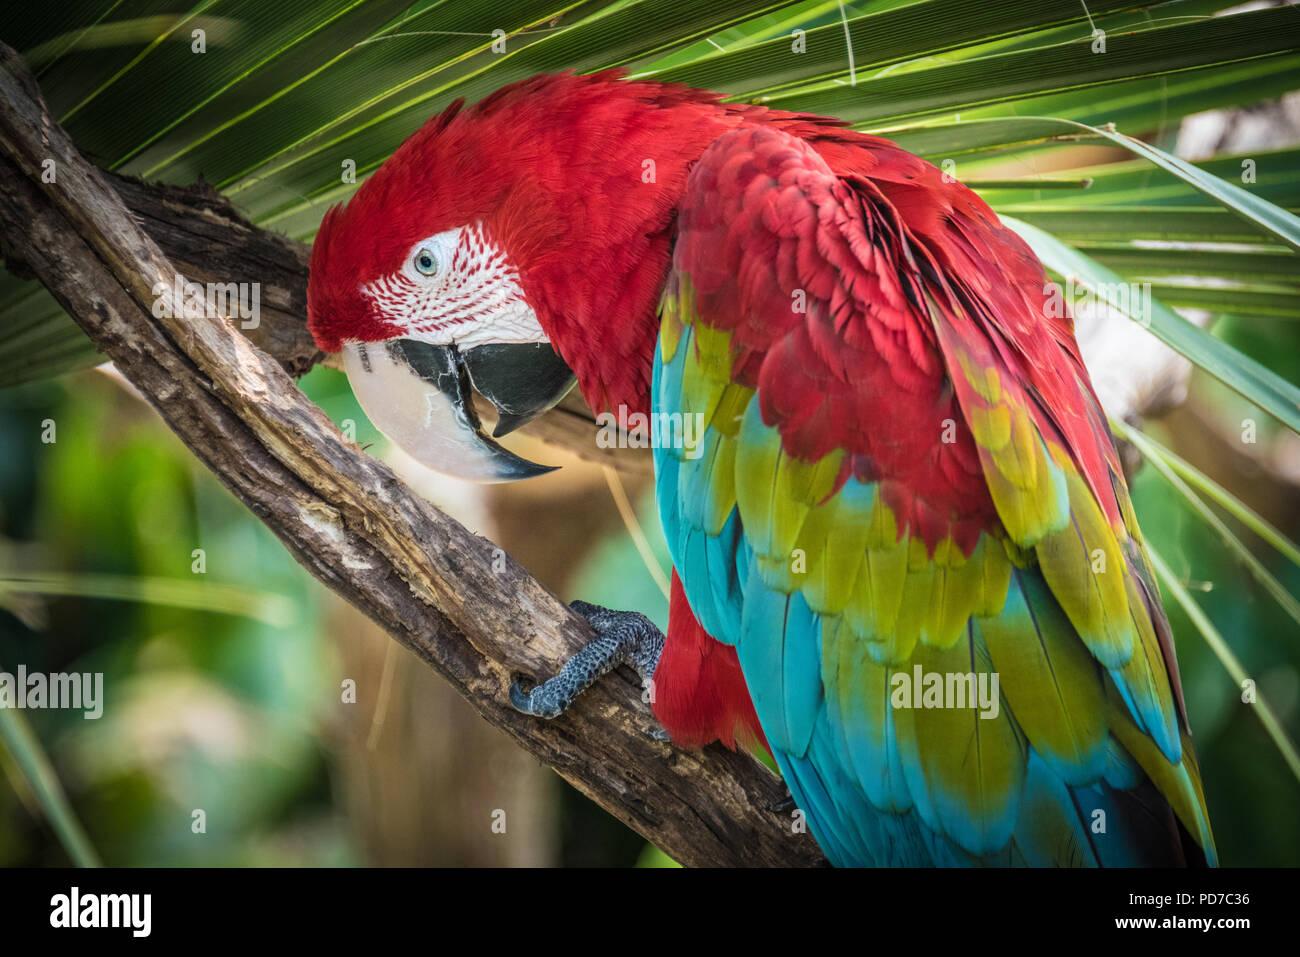 Eine bunte rot-grünen Ara (auch als Green-winged Macaw bekannt) im St. Augustine Alligator Farm Tierpark in St. Augustine, FL. (USA) Stockbild